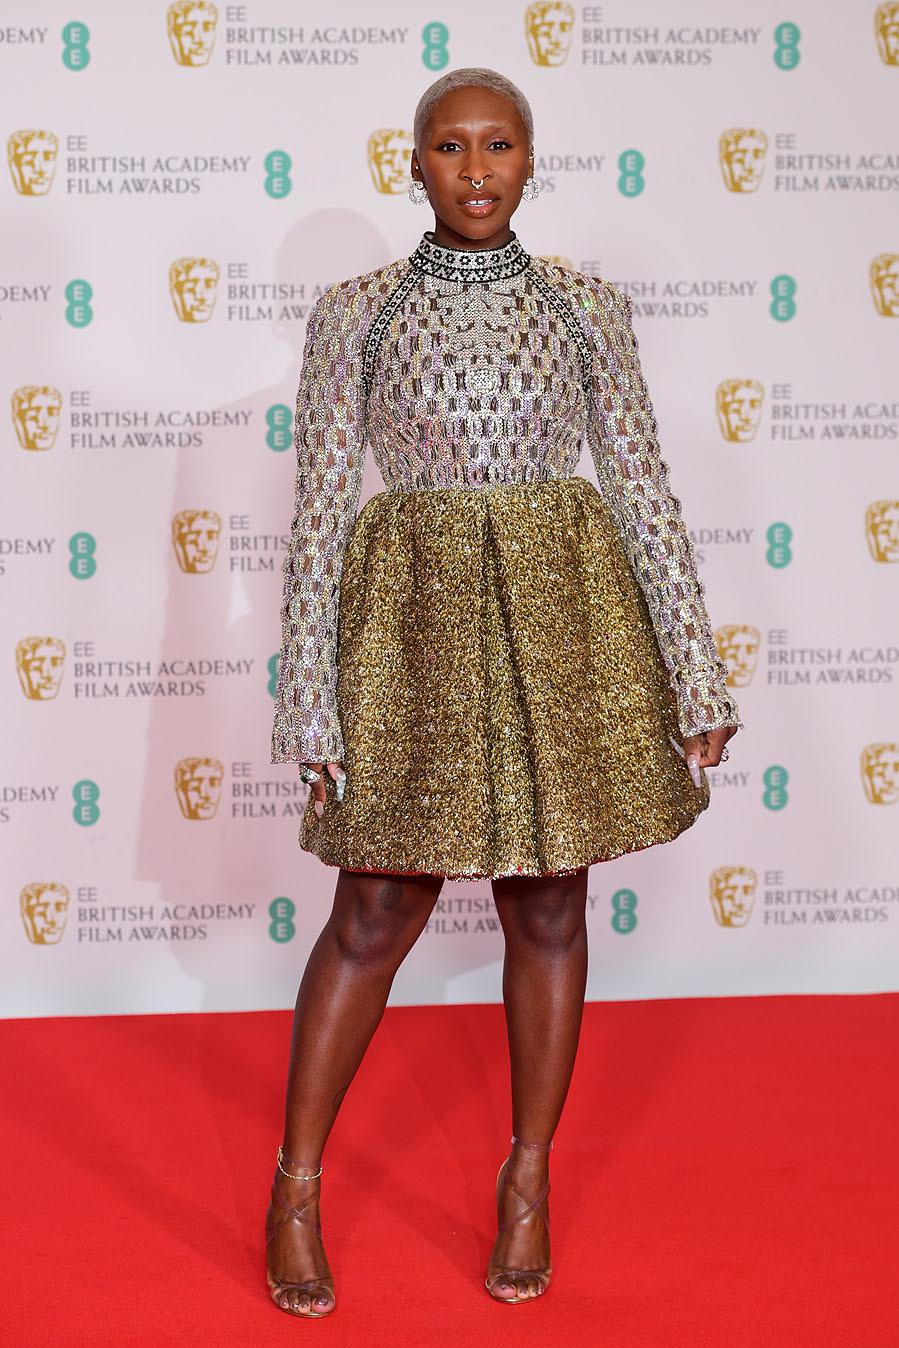 Cynthia Erivo - Los mejores looks de la alfombra roja de los Premios Bafta 2021